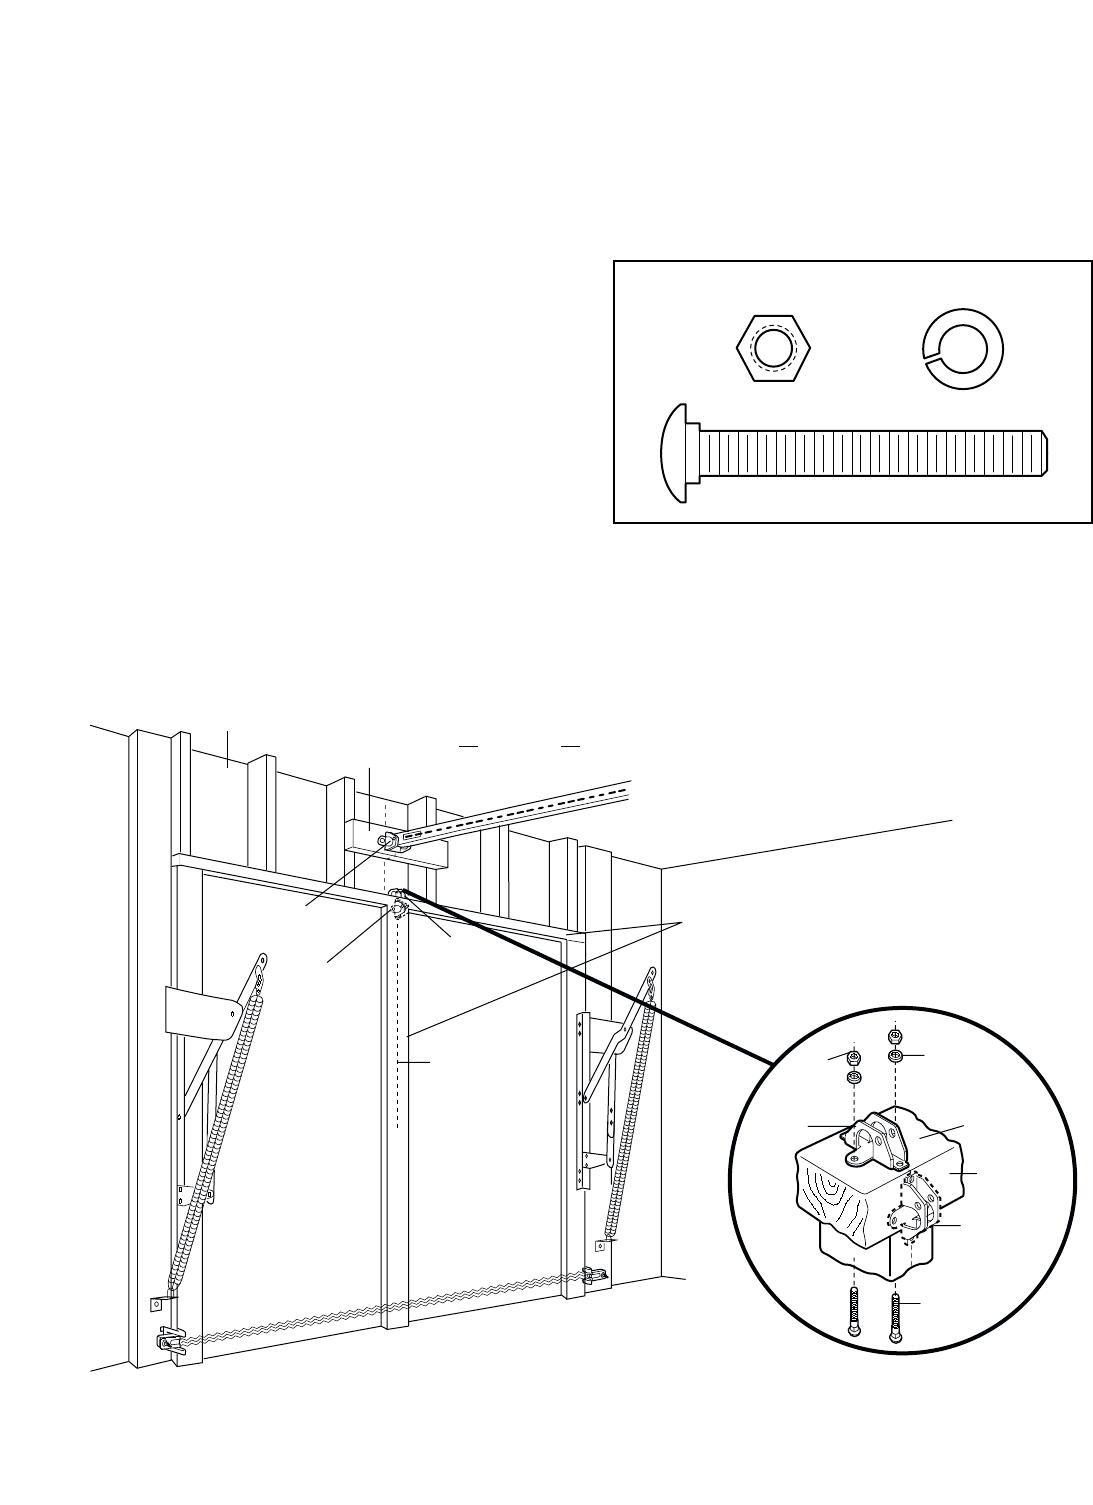 page 63 of sears garage door opener 139 53970srt user